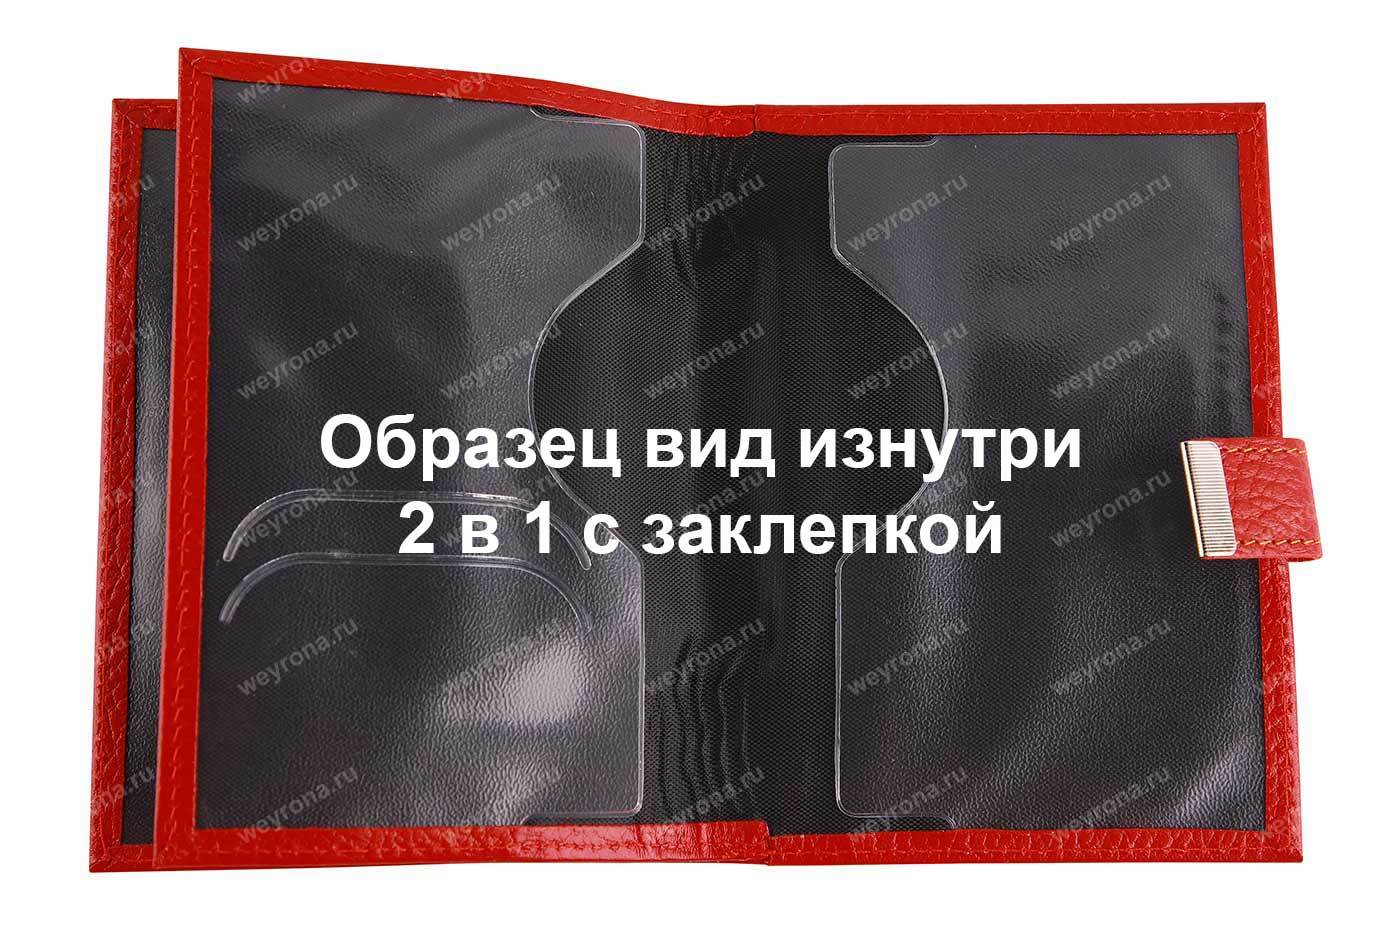 Обложка с заклепкой ФЛОТЕР ЖЕЛТЫЙ 2 в 1 (ТЕЛЯЧЬЯ КОЖА)